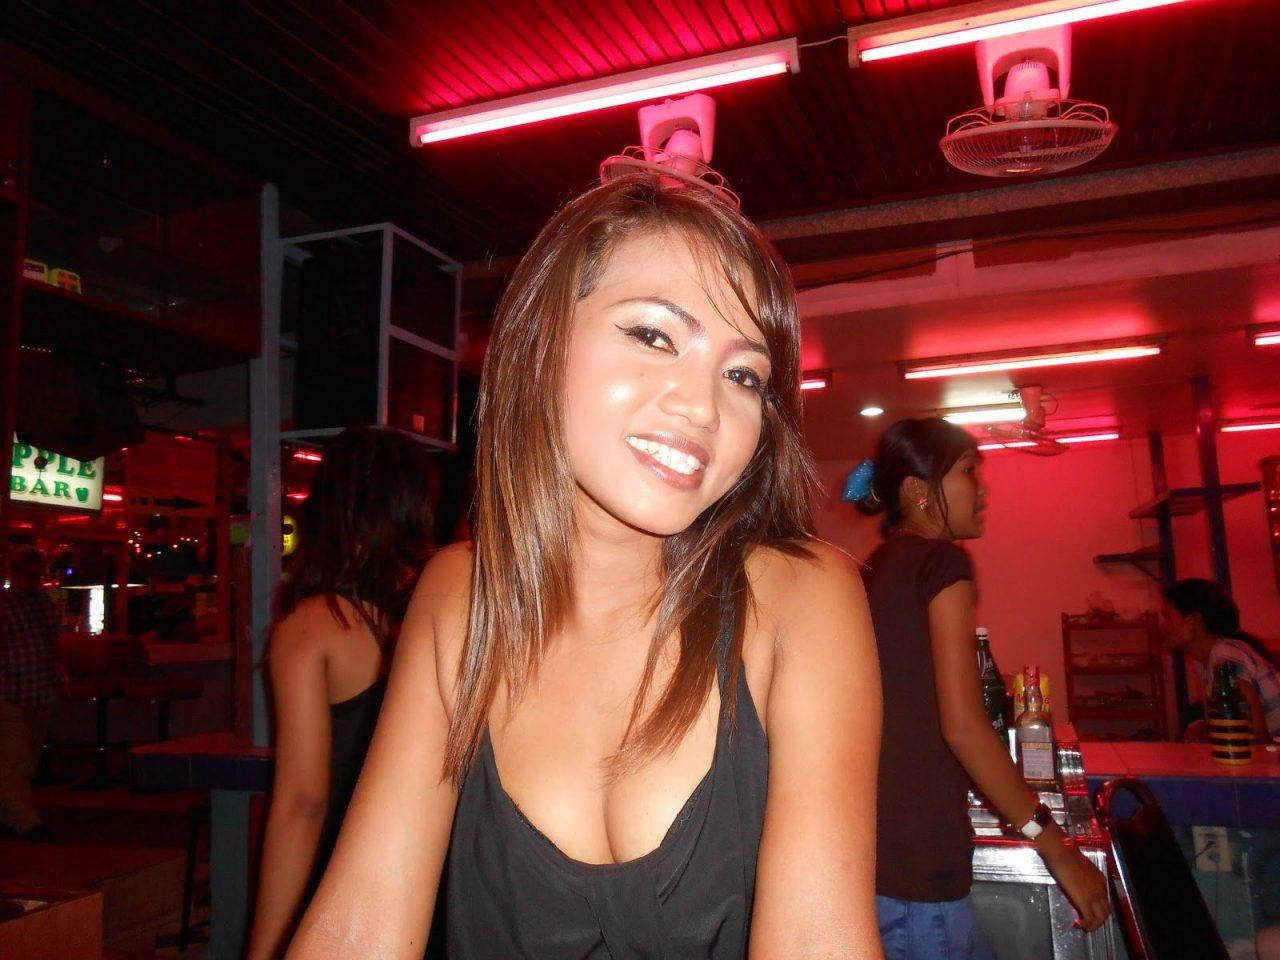 Nana Plaza Bangkok Beer Bars